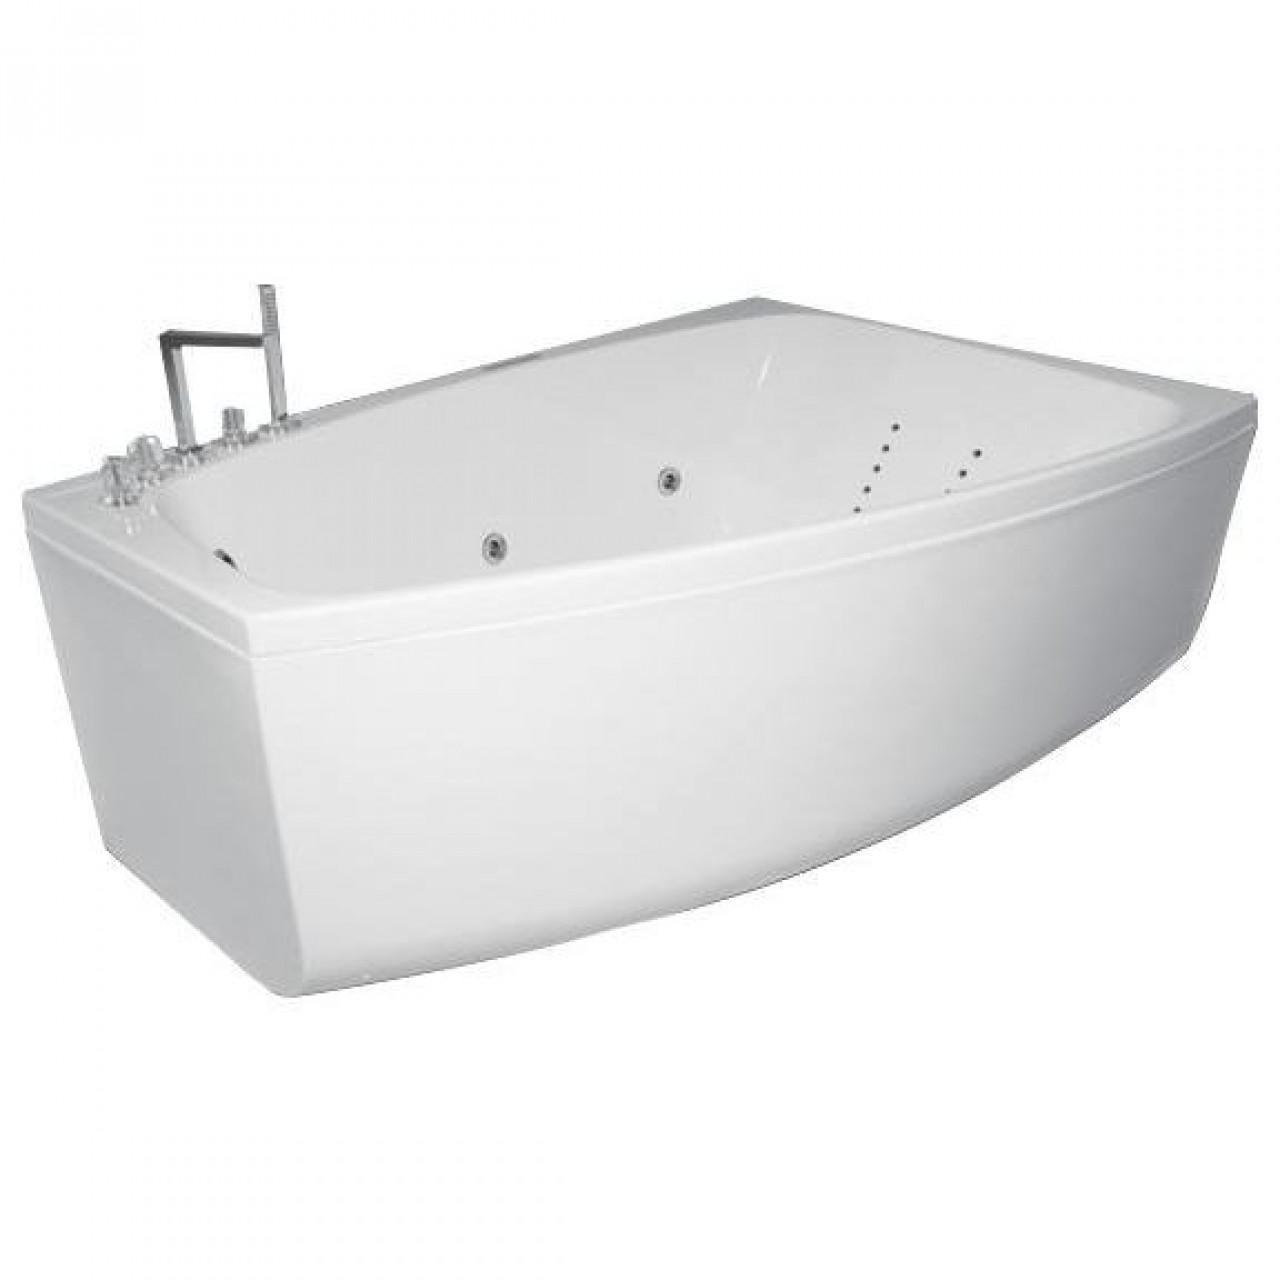 Акриловая ванна Акватика Альтея Reflexa 180x120x66 купить в Москве по цене от 139252р. в интернет-магазине mebel-v-vannu.ru